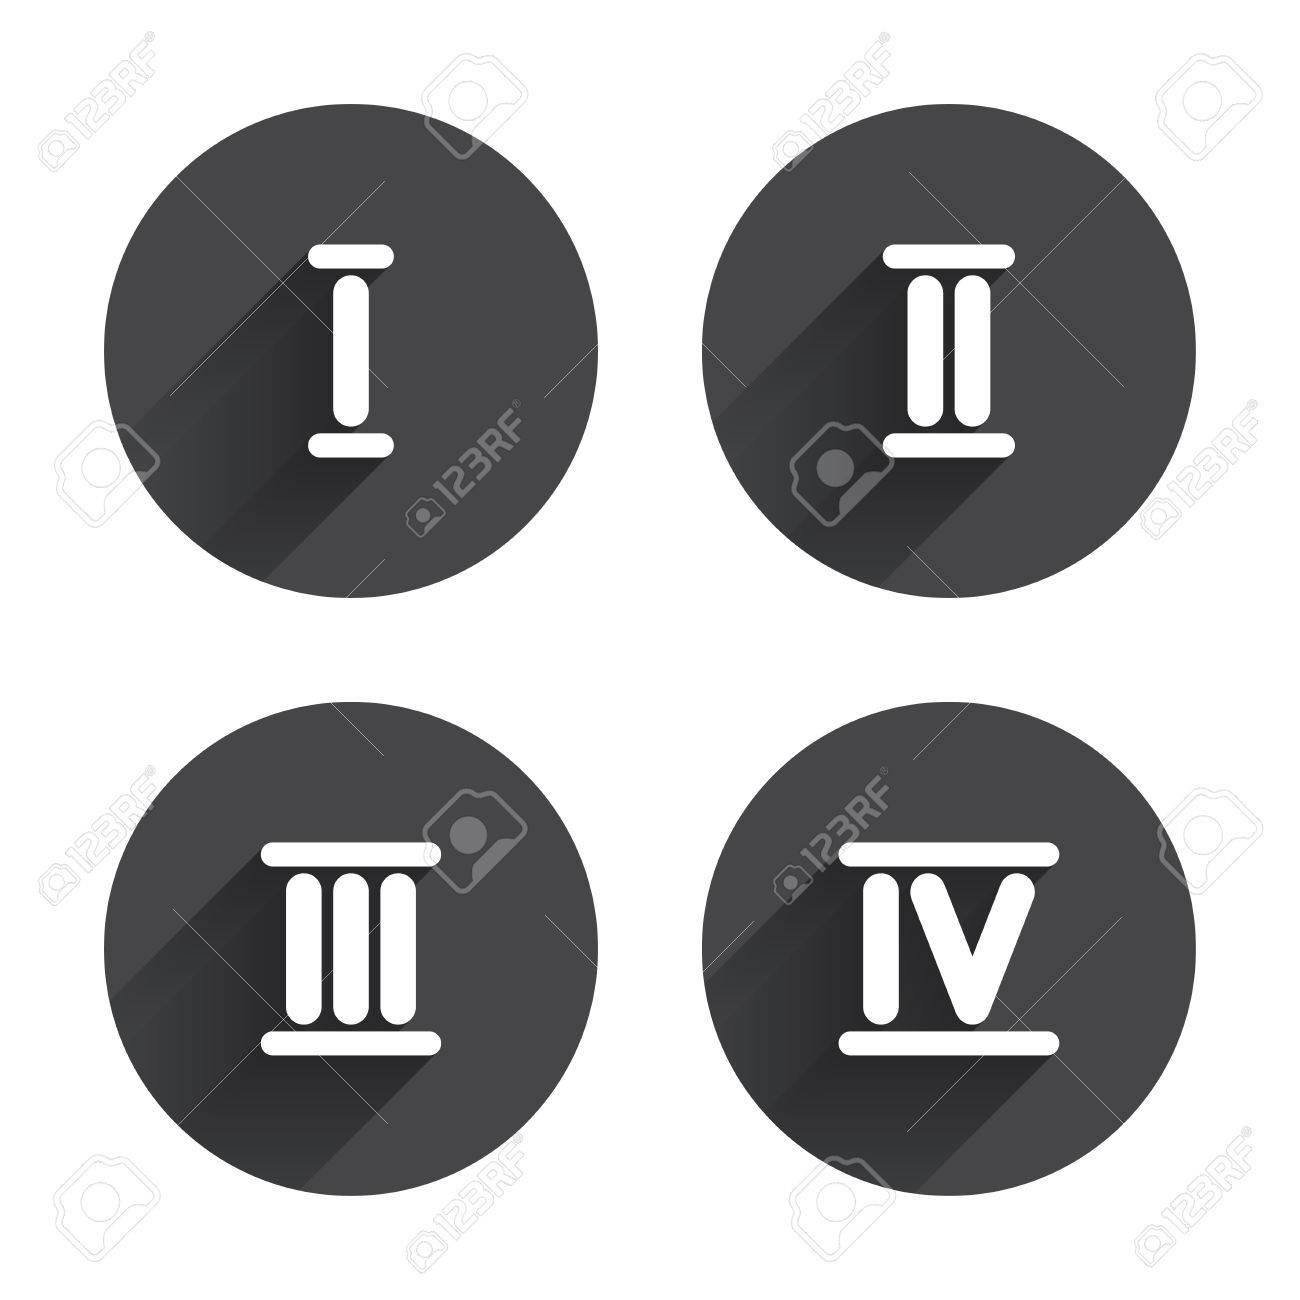 Chiffre Romain 4 icônes chiffres romains. 1, 2, 3 et 4 caractères numériques. ancien